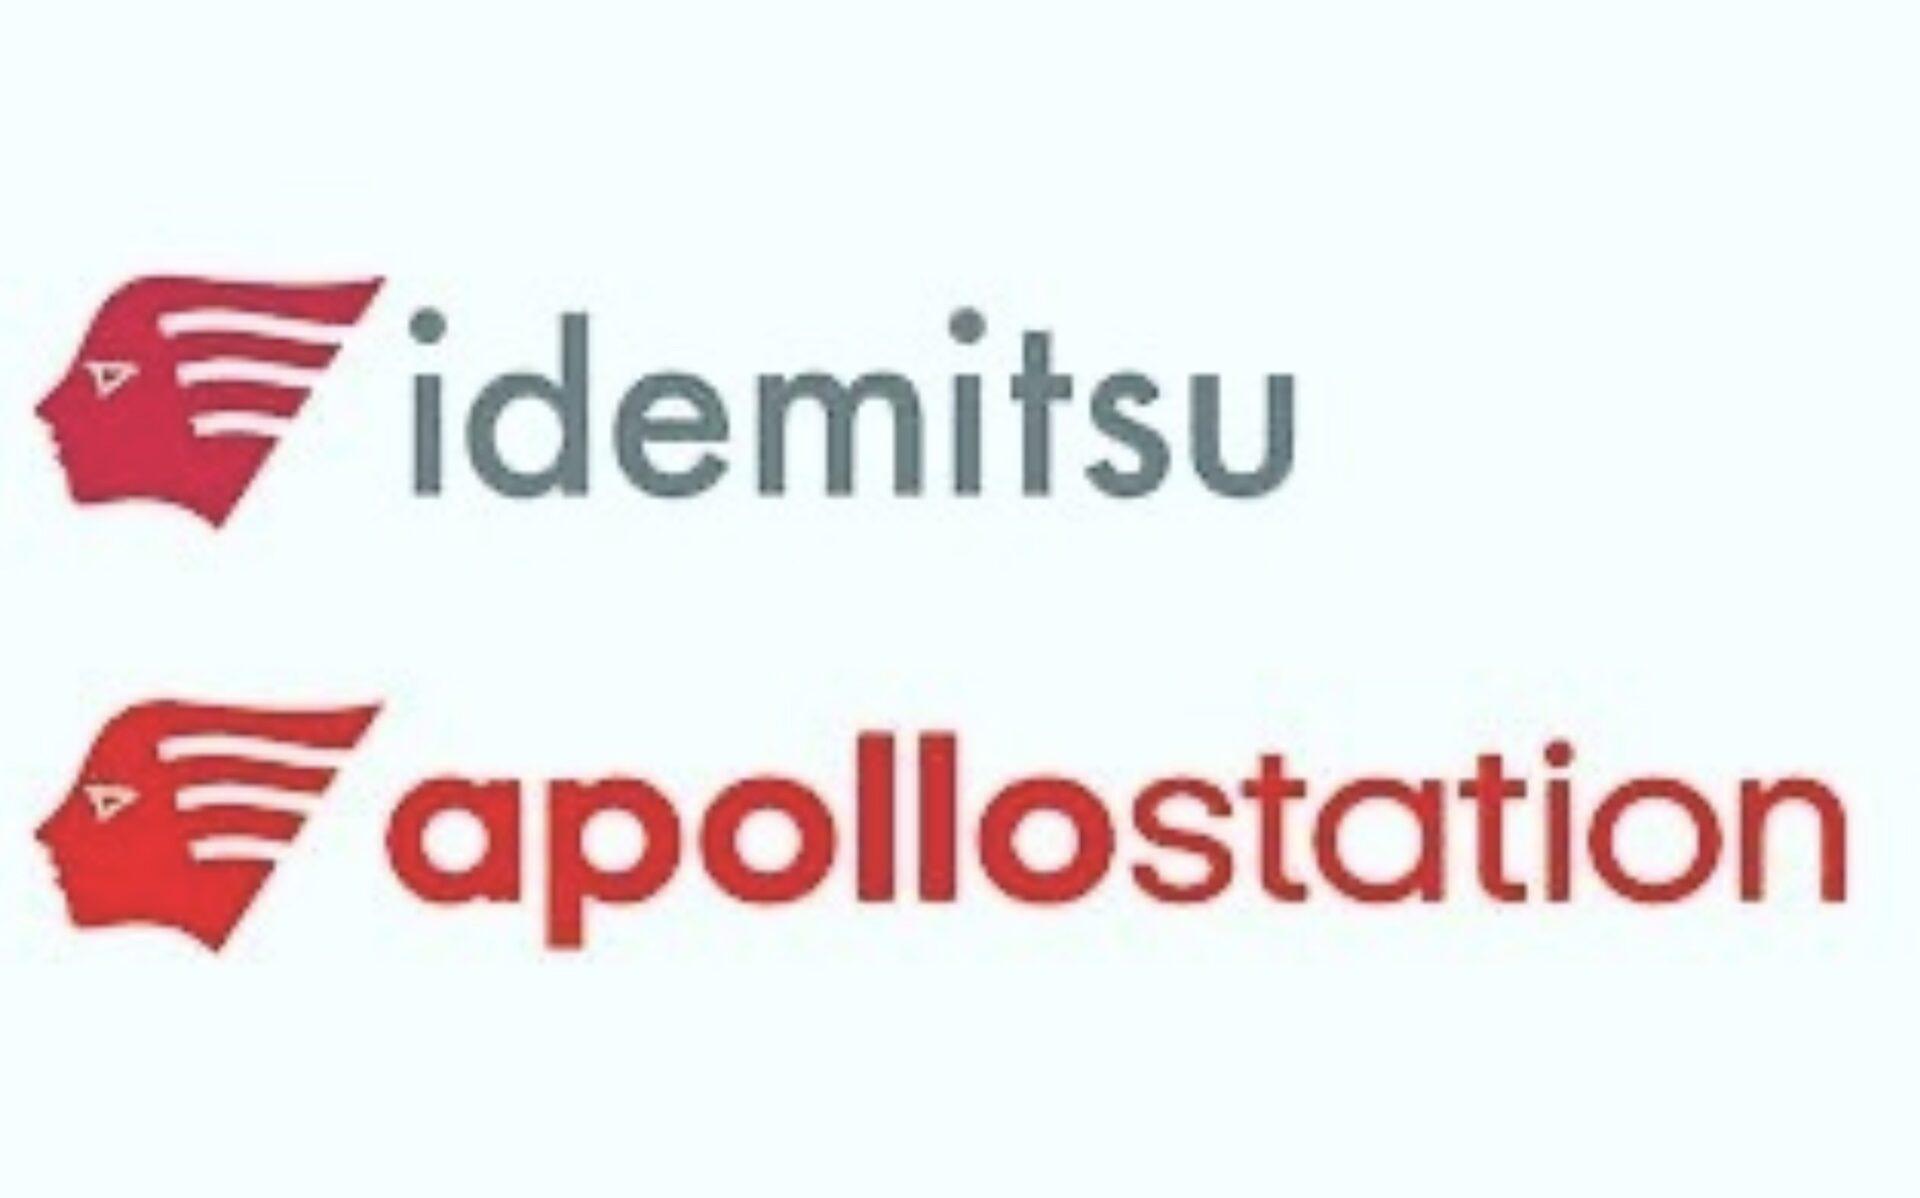 アポロステーション